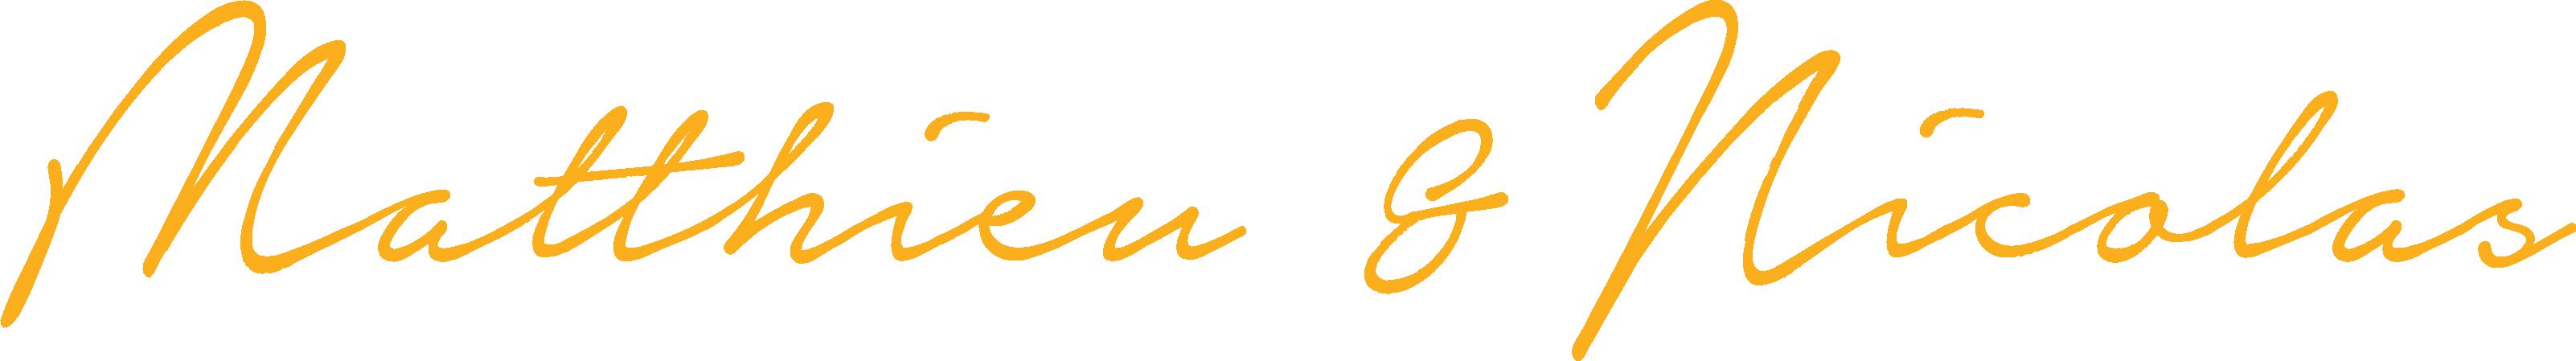 SIGNATURE Cassagne et Vitailles